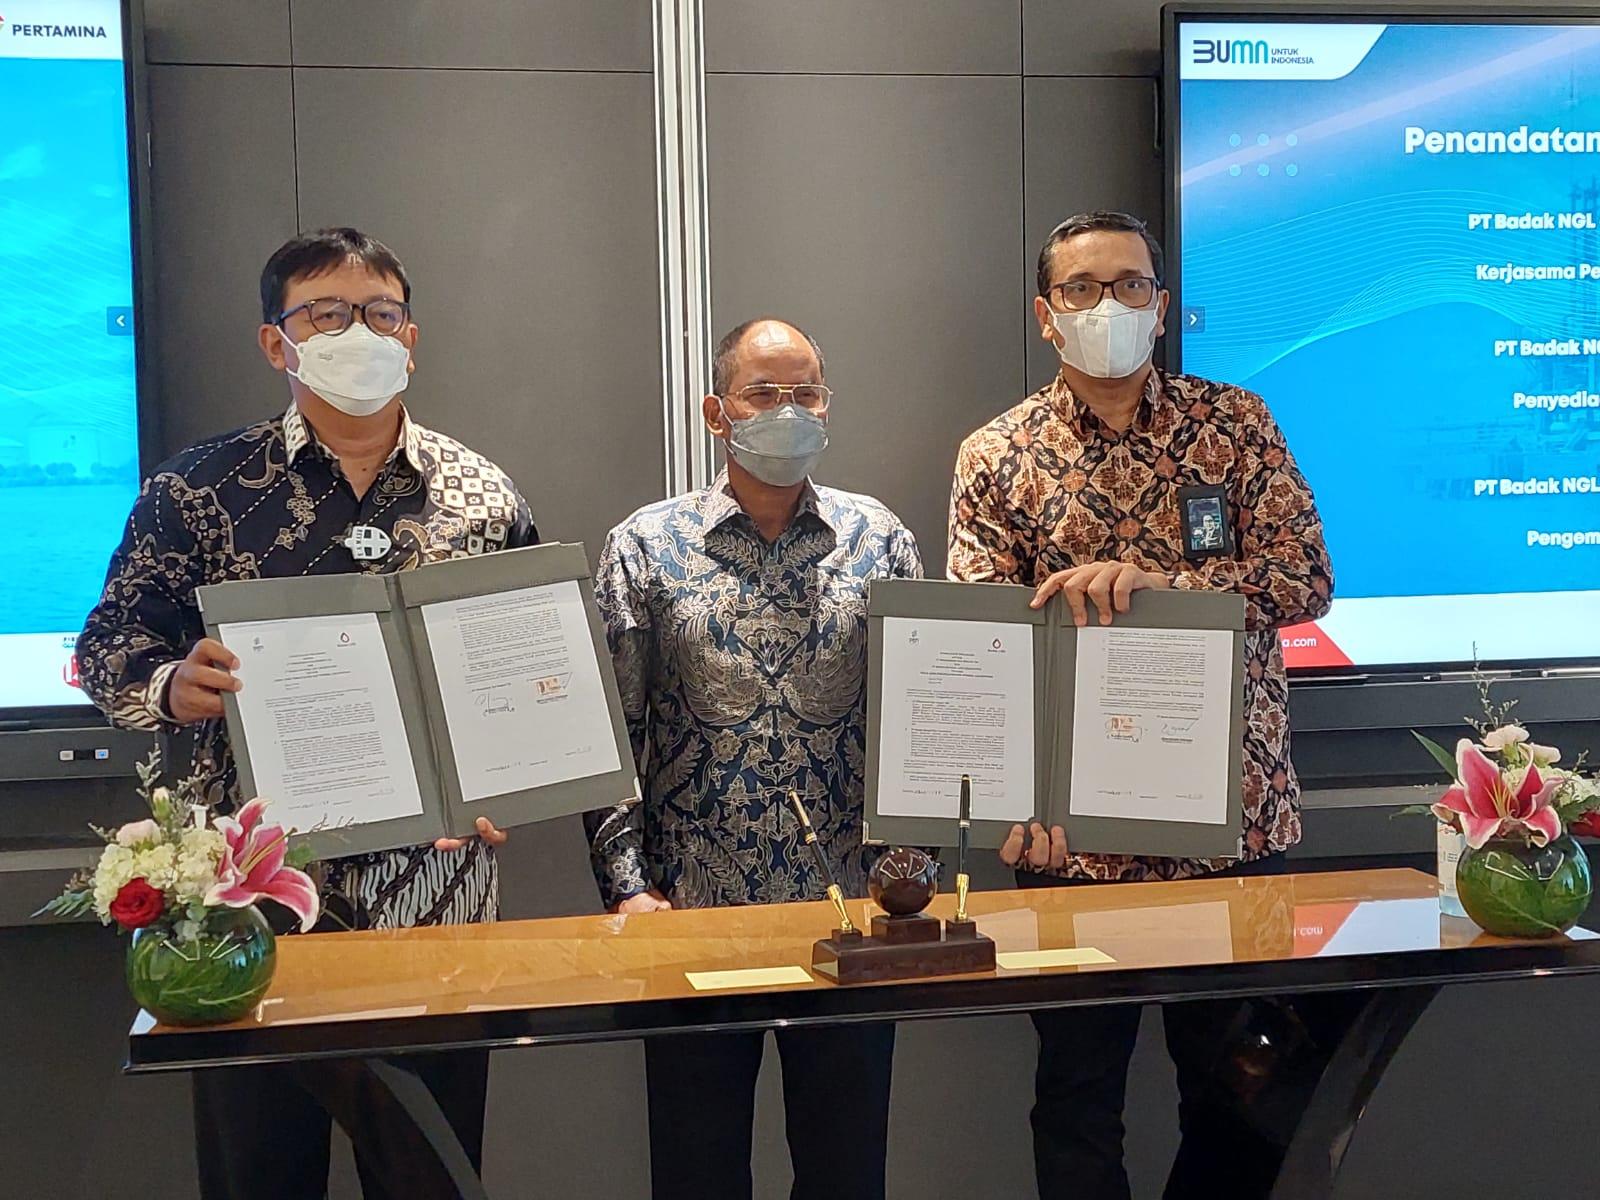 Subholding Gas Pertamina Gandeng PT Badak NGL Perkuat Bisnis LNG Melalui Pemanfaatan Hub Terminal LNG Bontang